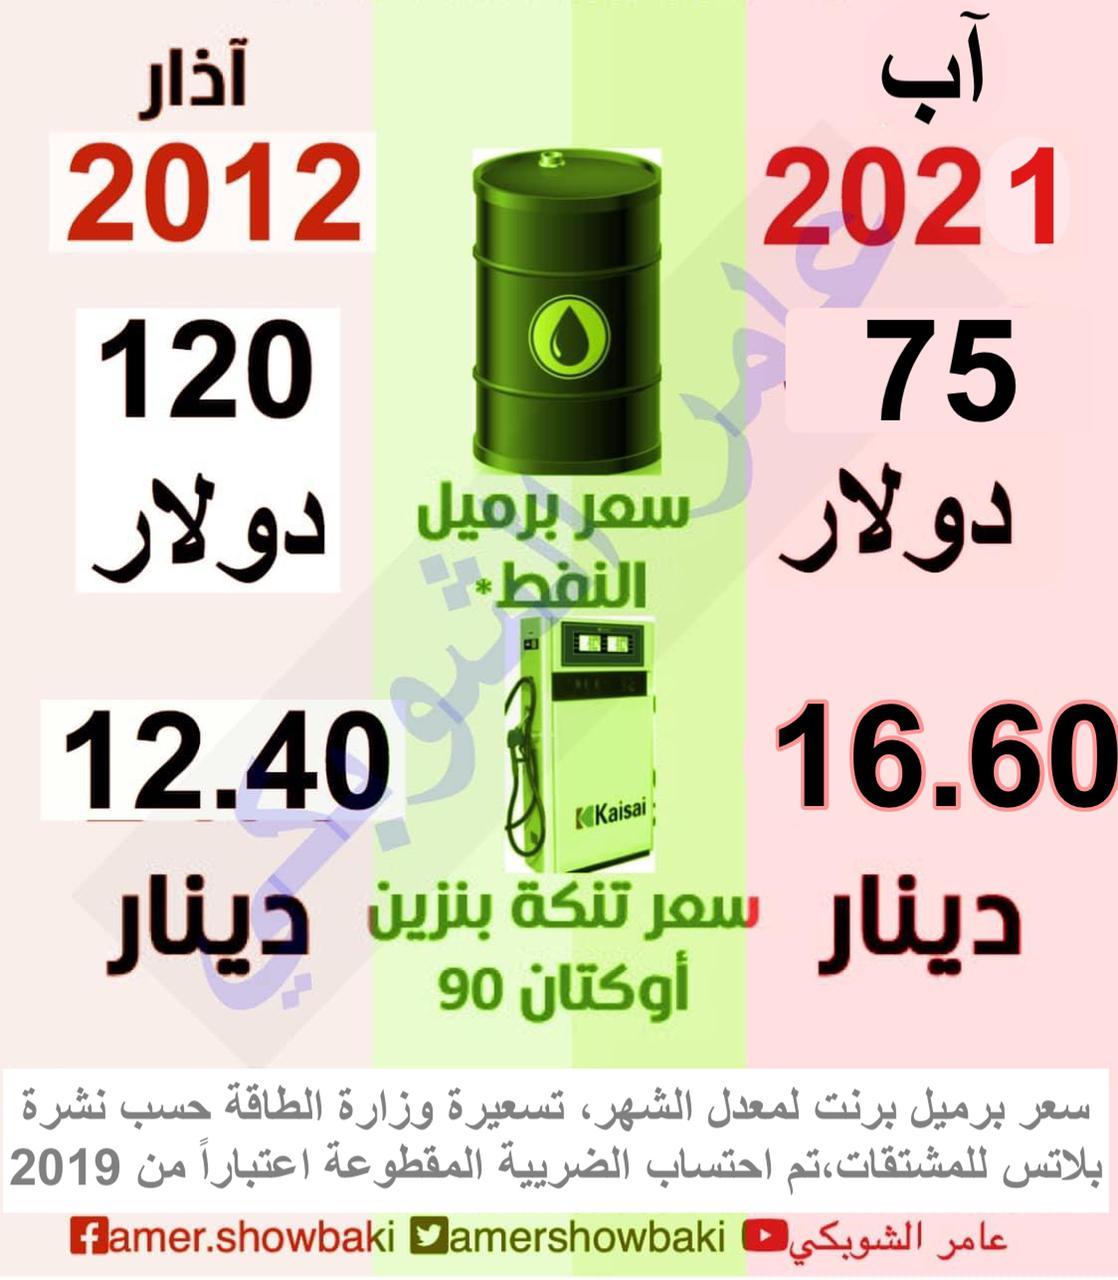 الحكومة رفعت اسعار البنزين في 2021 بنسبة 25%